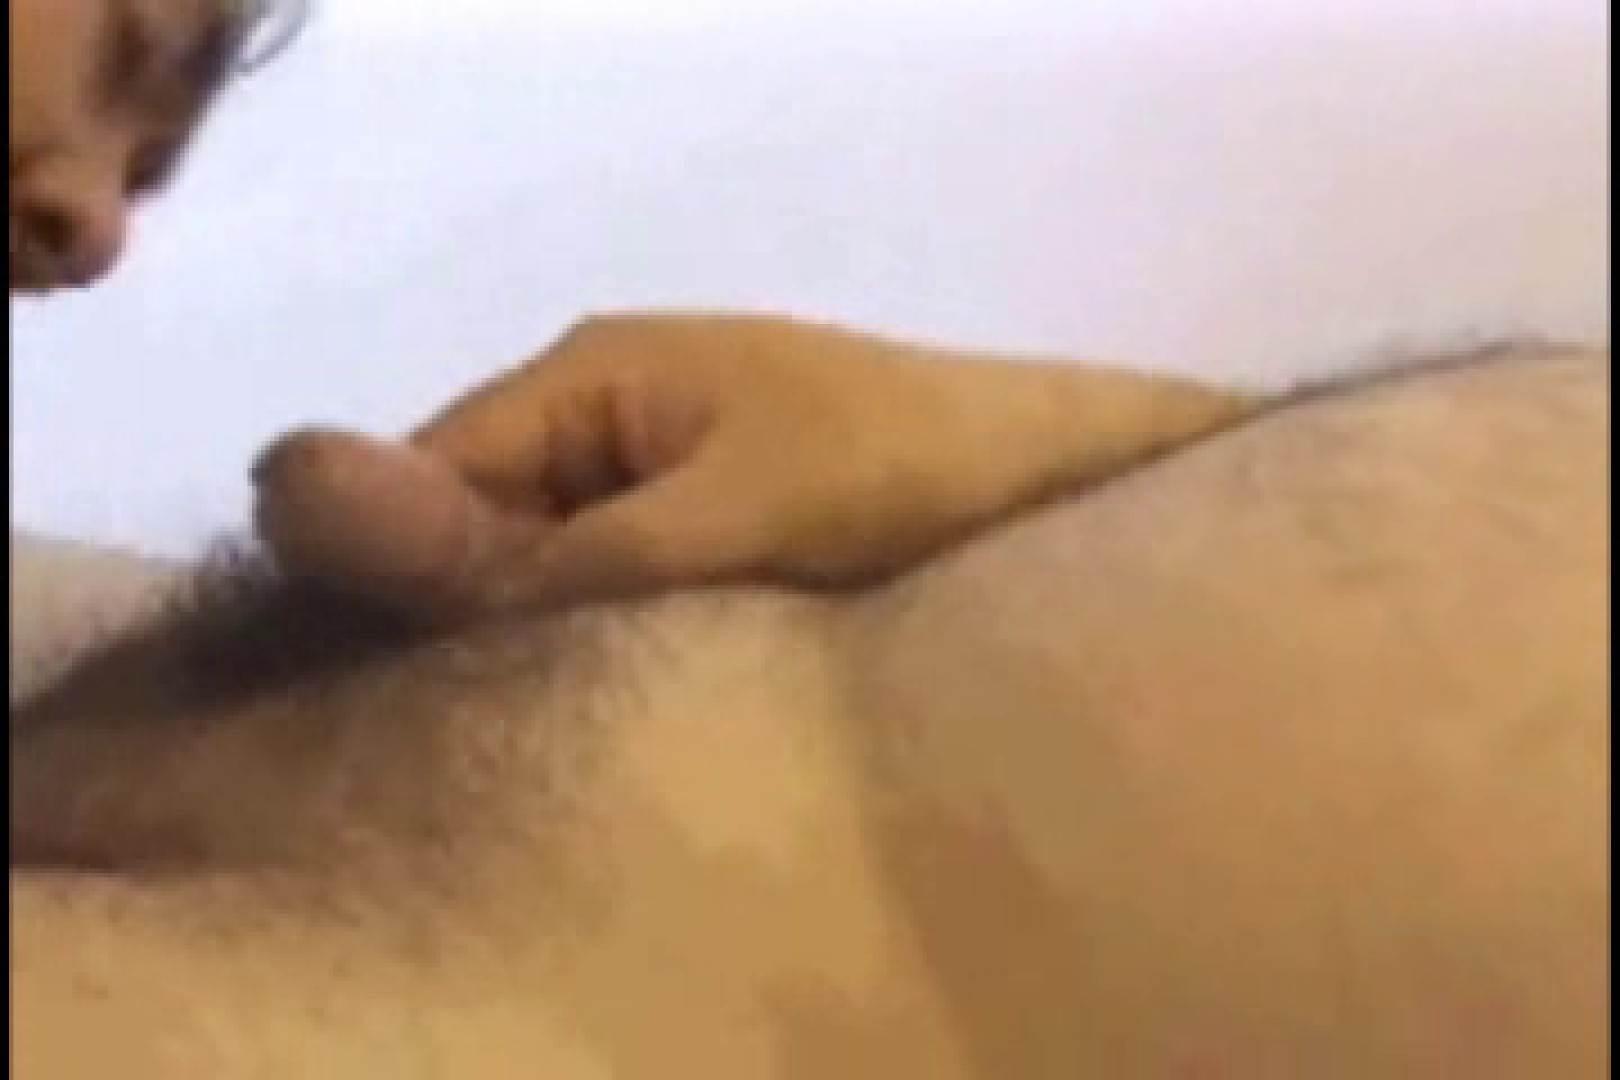 中年旦那の発情記 オナニー アダルトビデオ画像キャプチャ 65pic 15